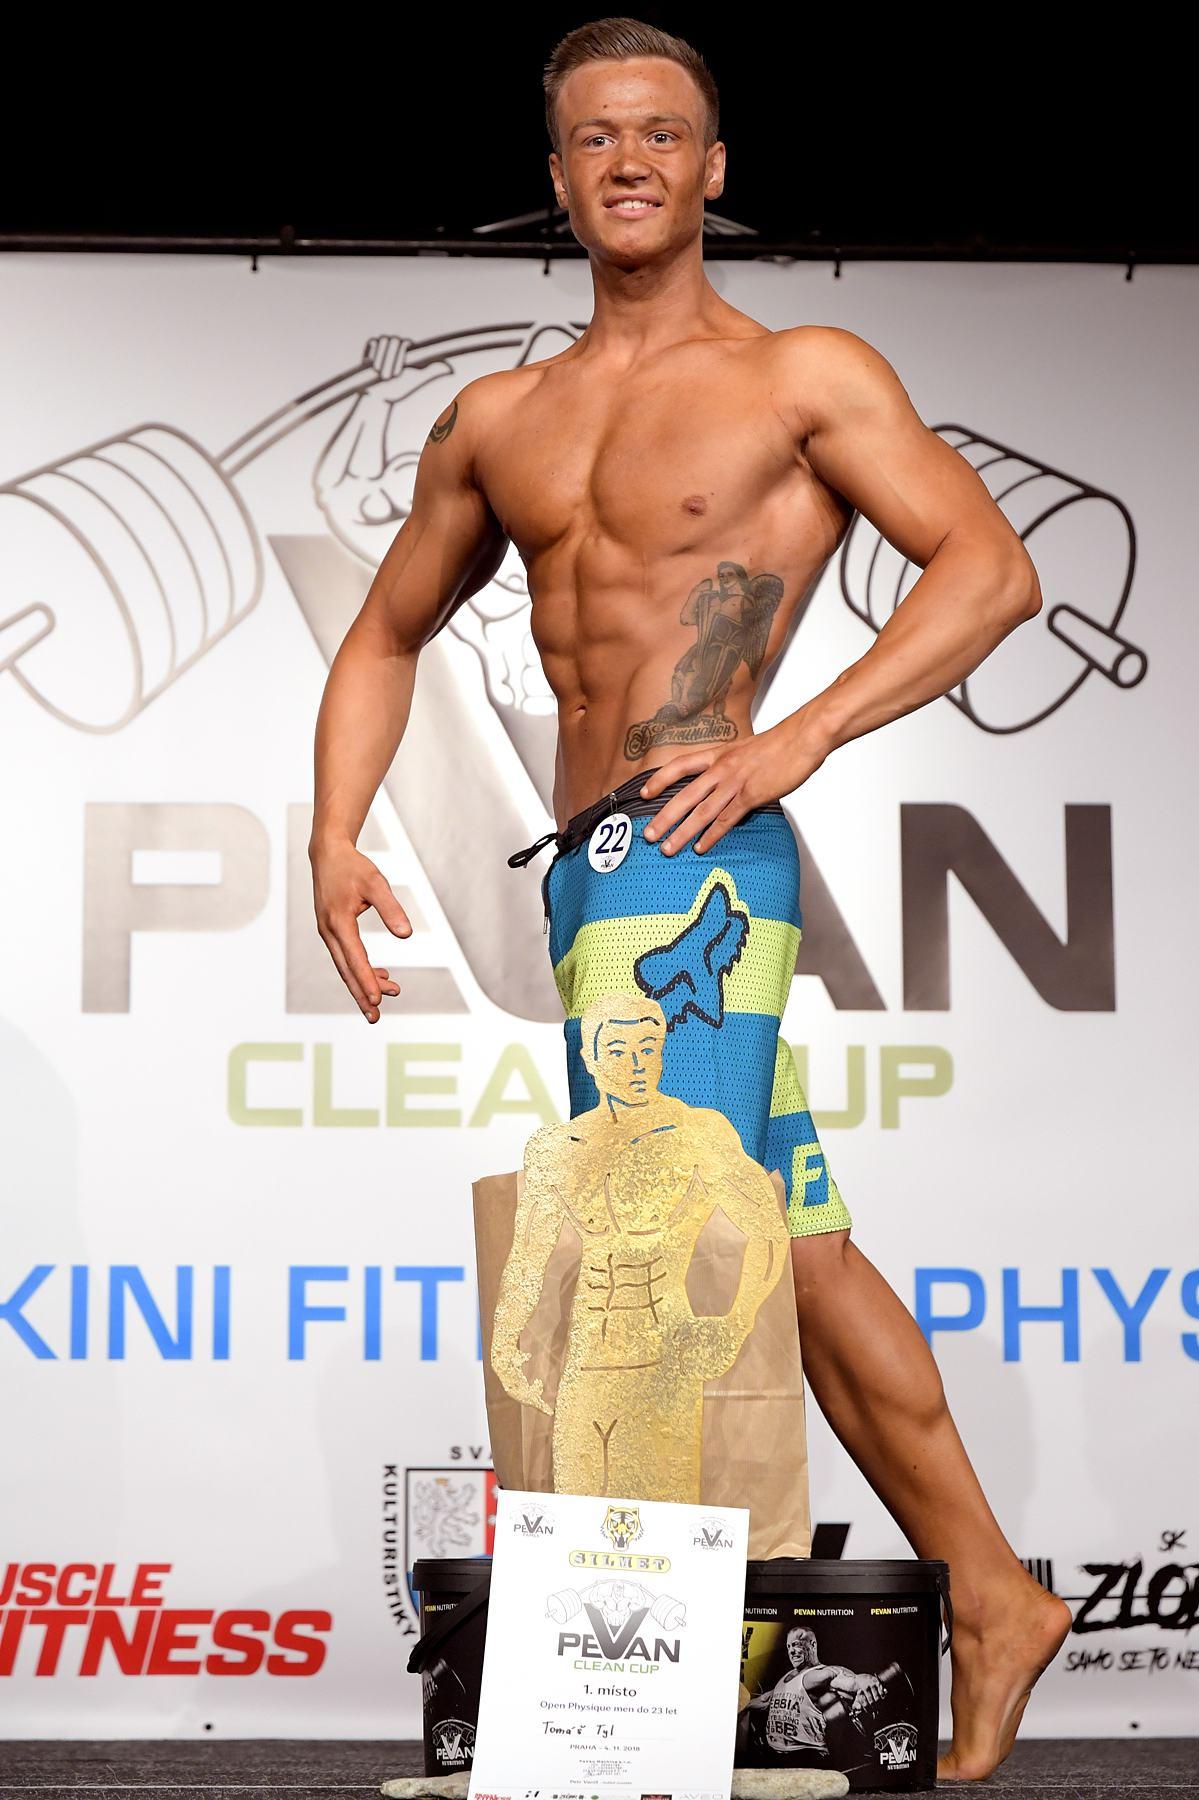 PeVan Clean Cup. Kondiční physique juniorů. Foto: Zdeněk Dryák